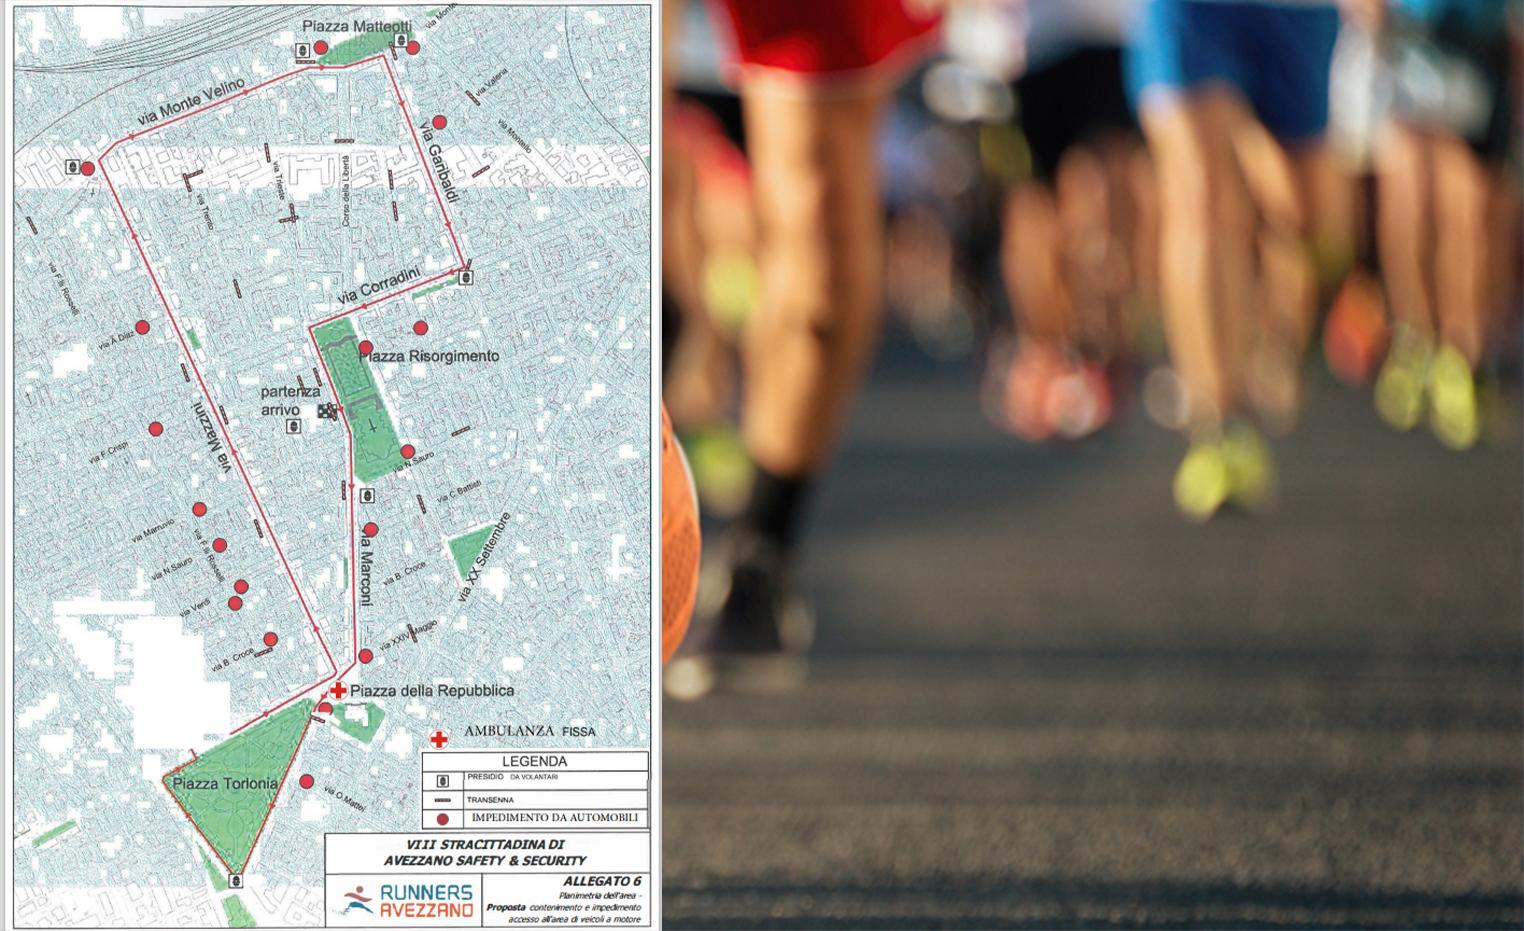 Sport e solidarietà, torna la Stracittadina di Avezzano. Centinaia di atleti in gara il 19 settembre: evento organizzato dai Runners